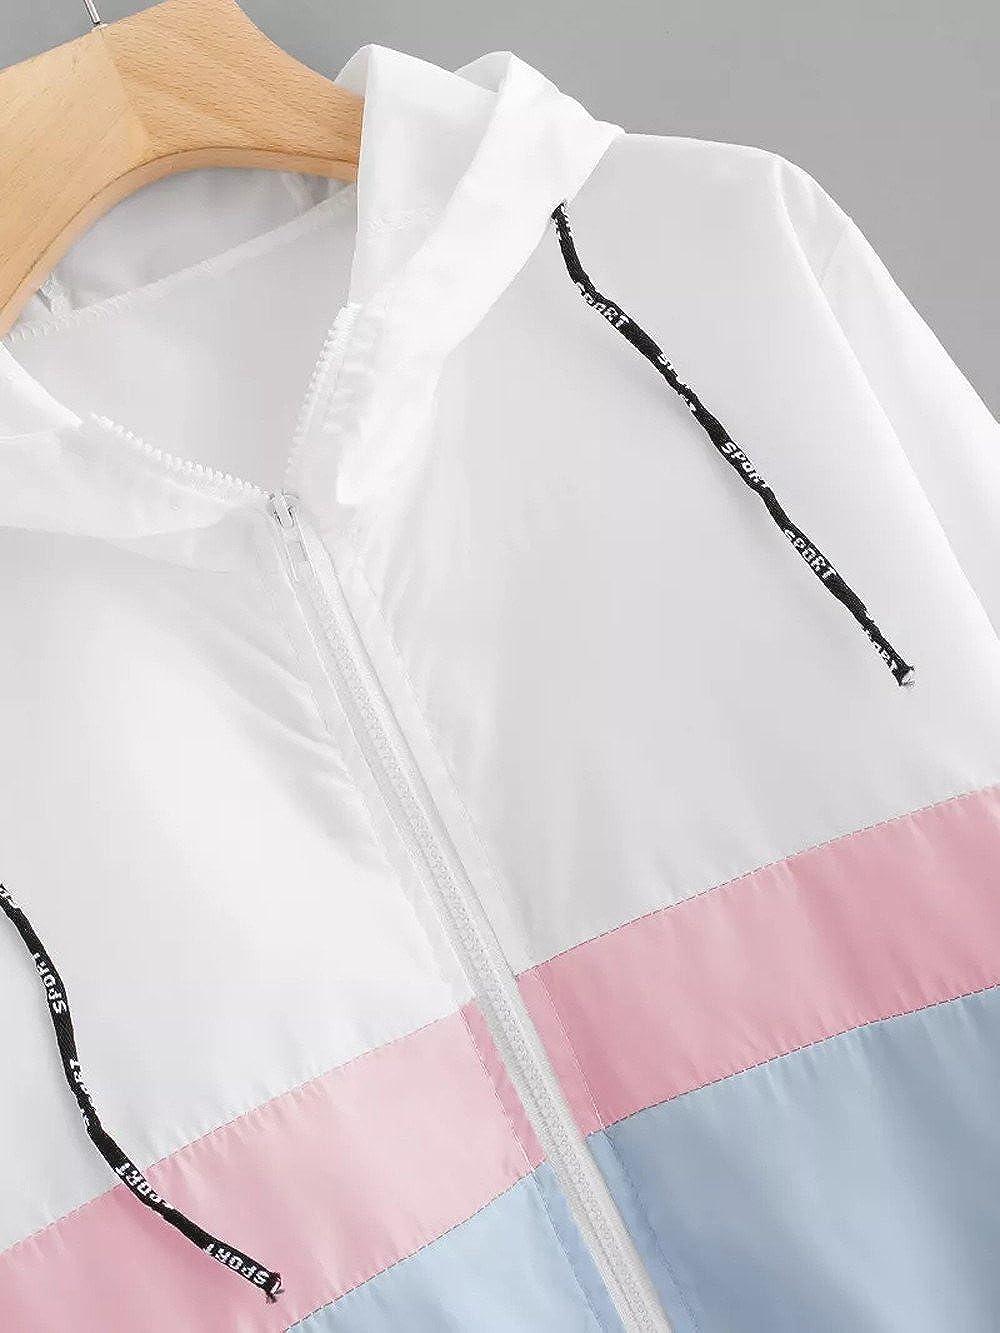 QinMM Abrigo Delgada Chaqueta con Capucha Casual para Mujer, Jacket de otoño Invierno Hoodie: Amazon.es: Ropa y accesorios